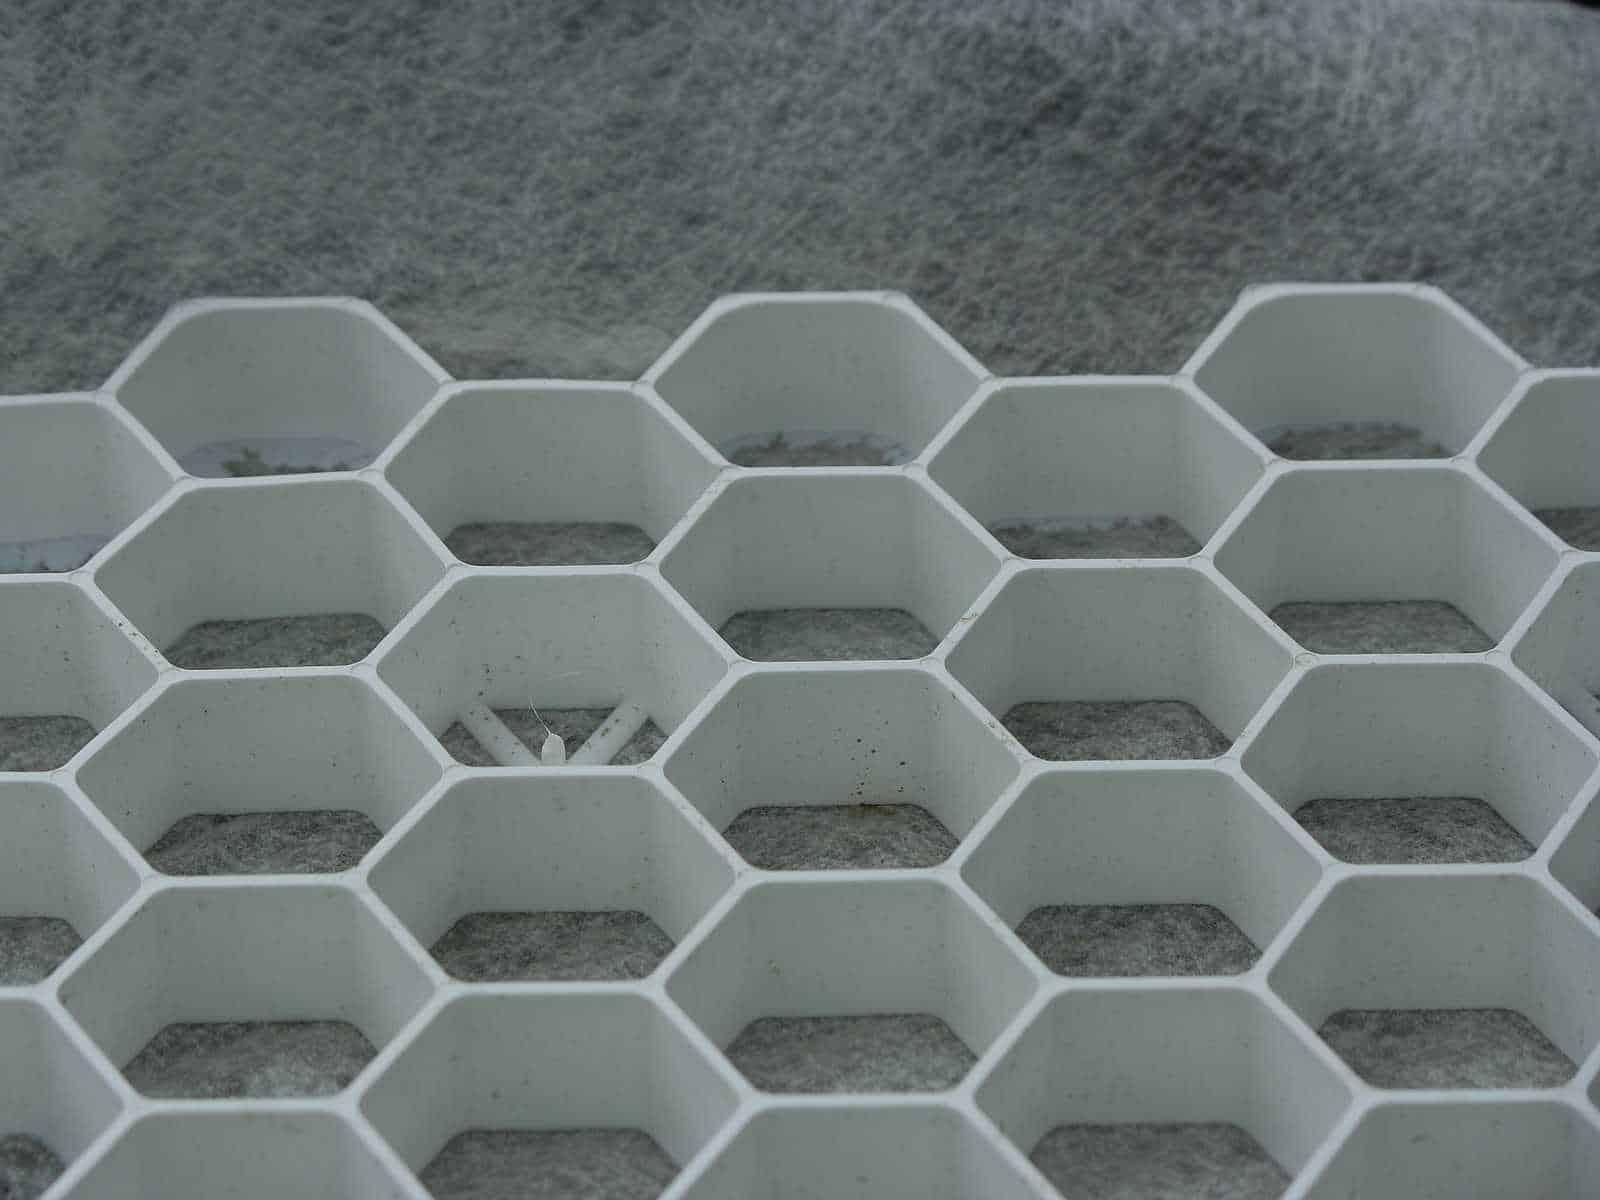 zubeh r f r steing rten natursteine terrassenplatten steine granit bruchsteine kies. Black Bedroom Furniture Sets. Home Design Ideas